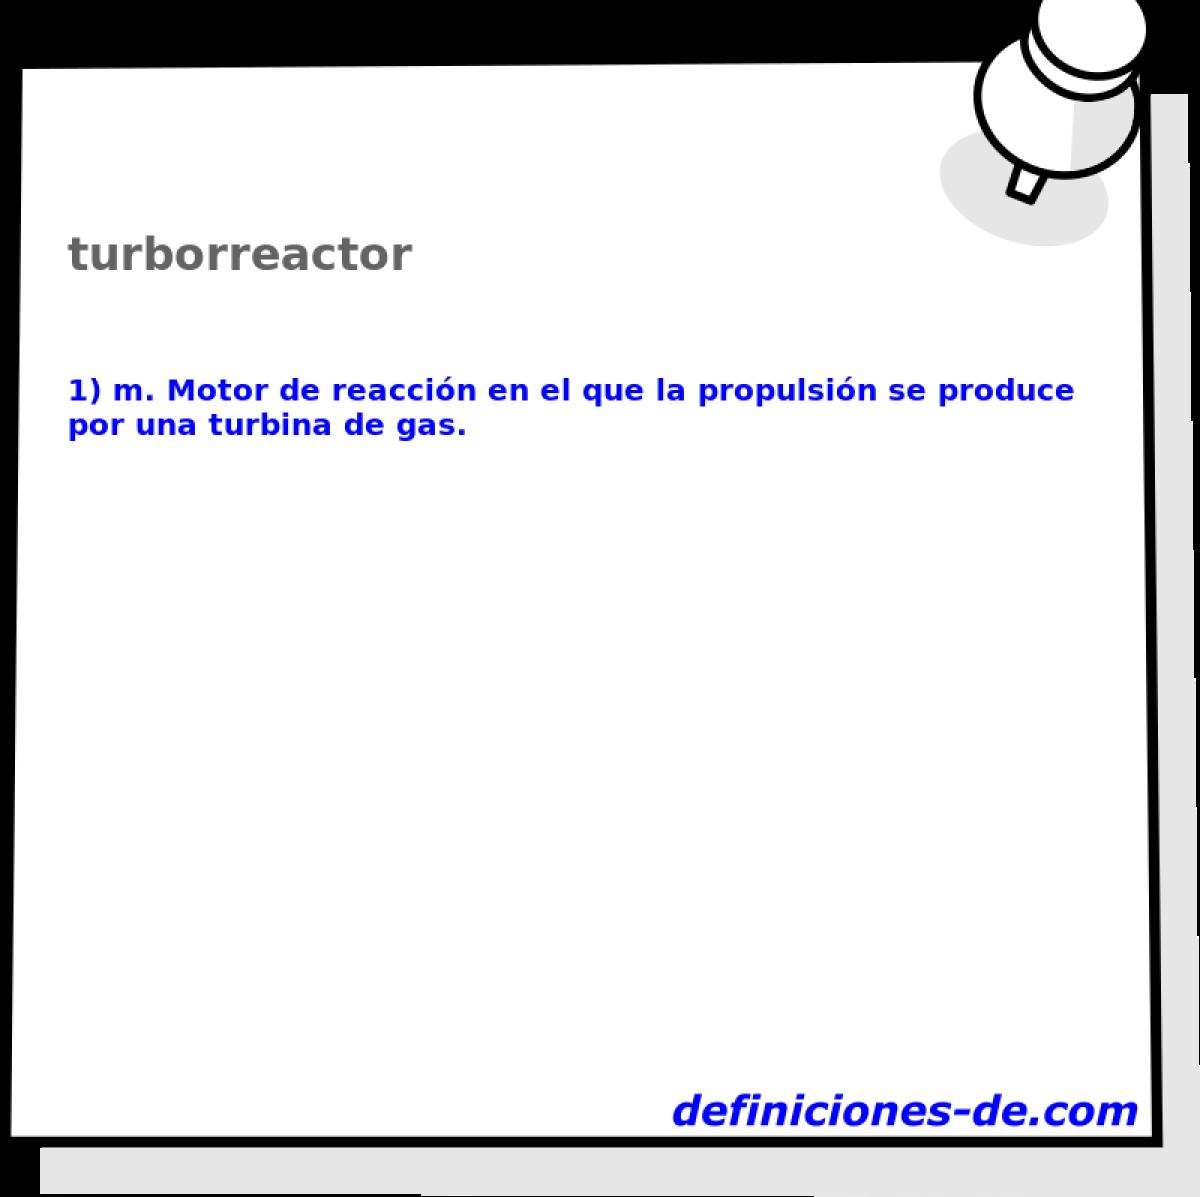 Qué significa Turborreactor?